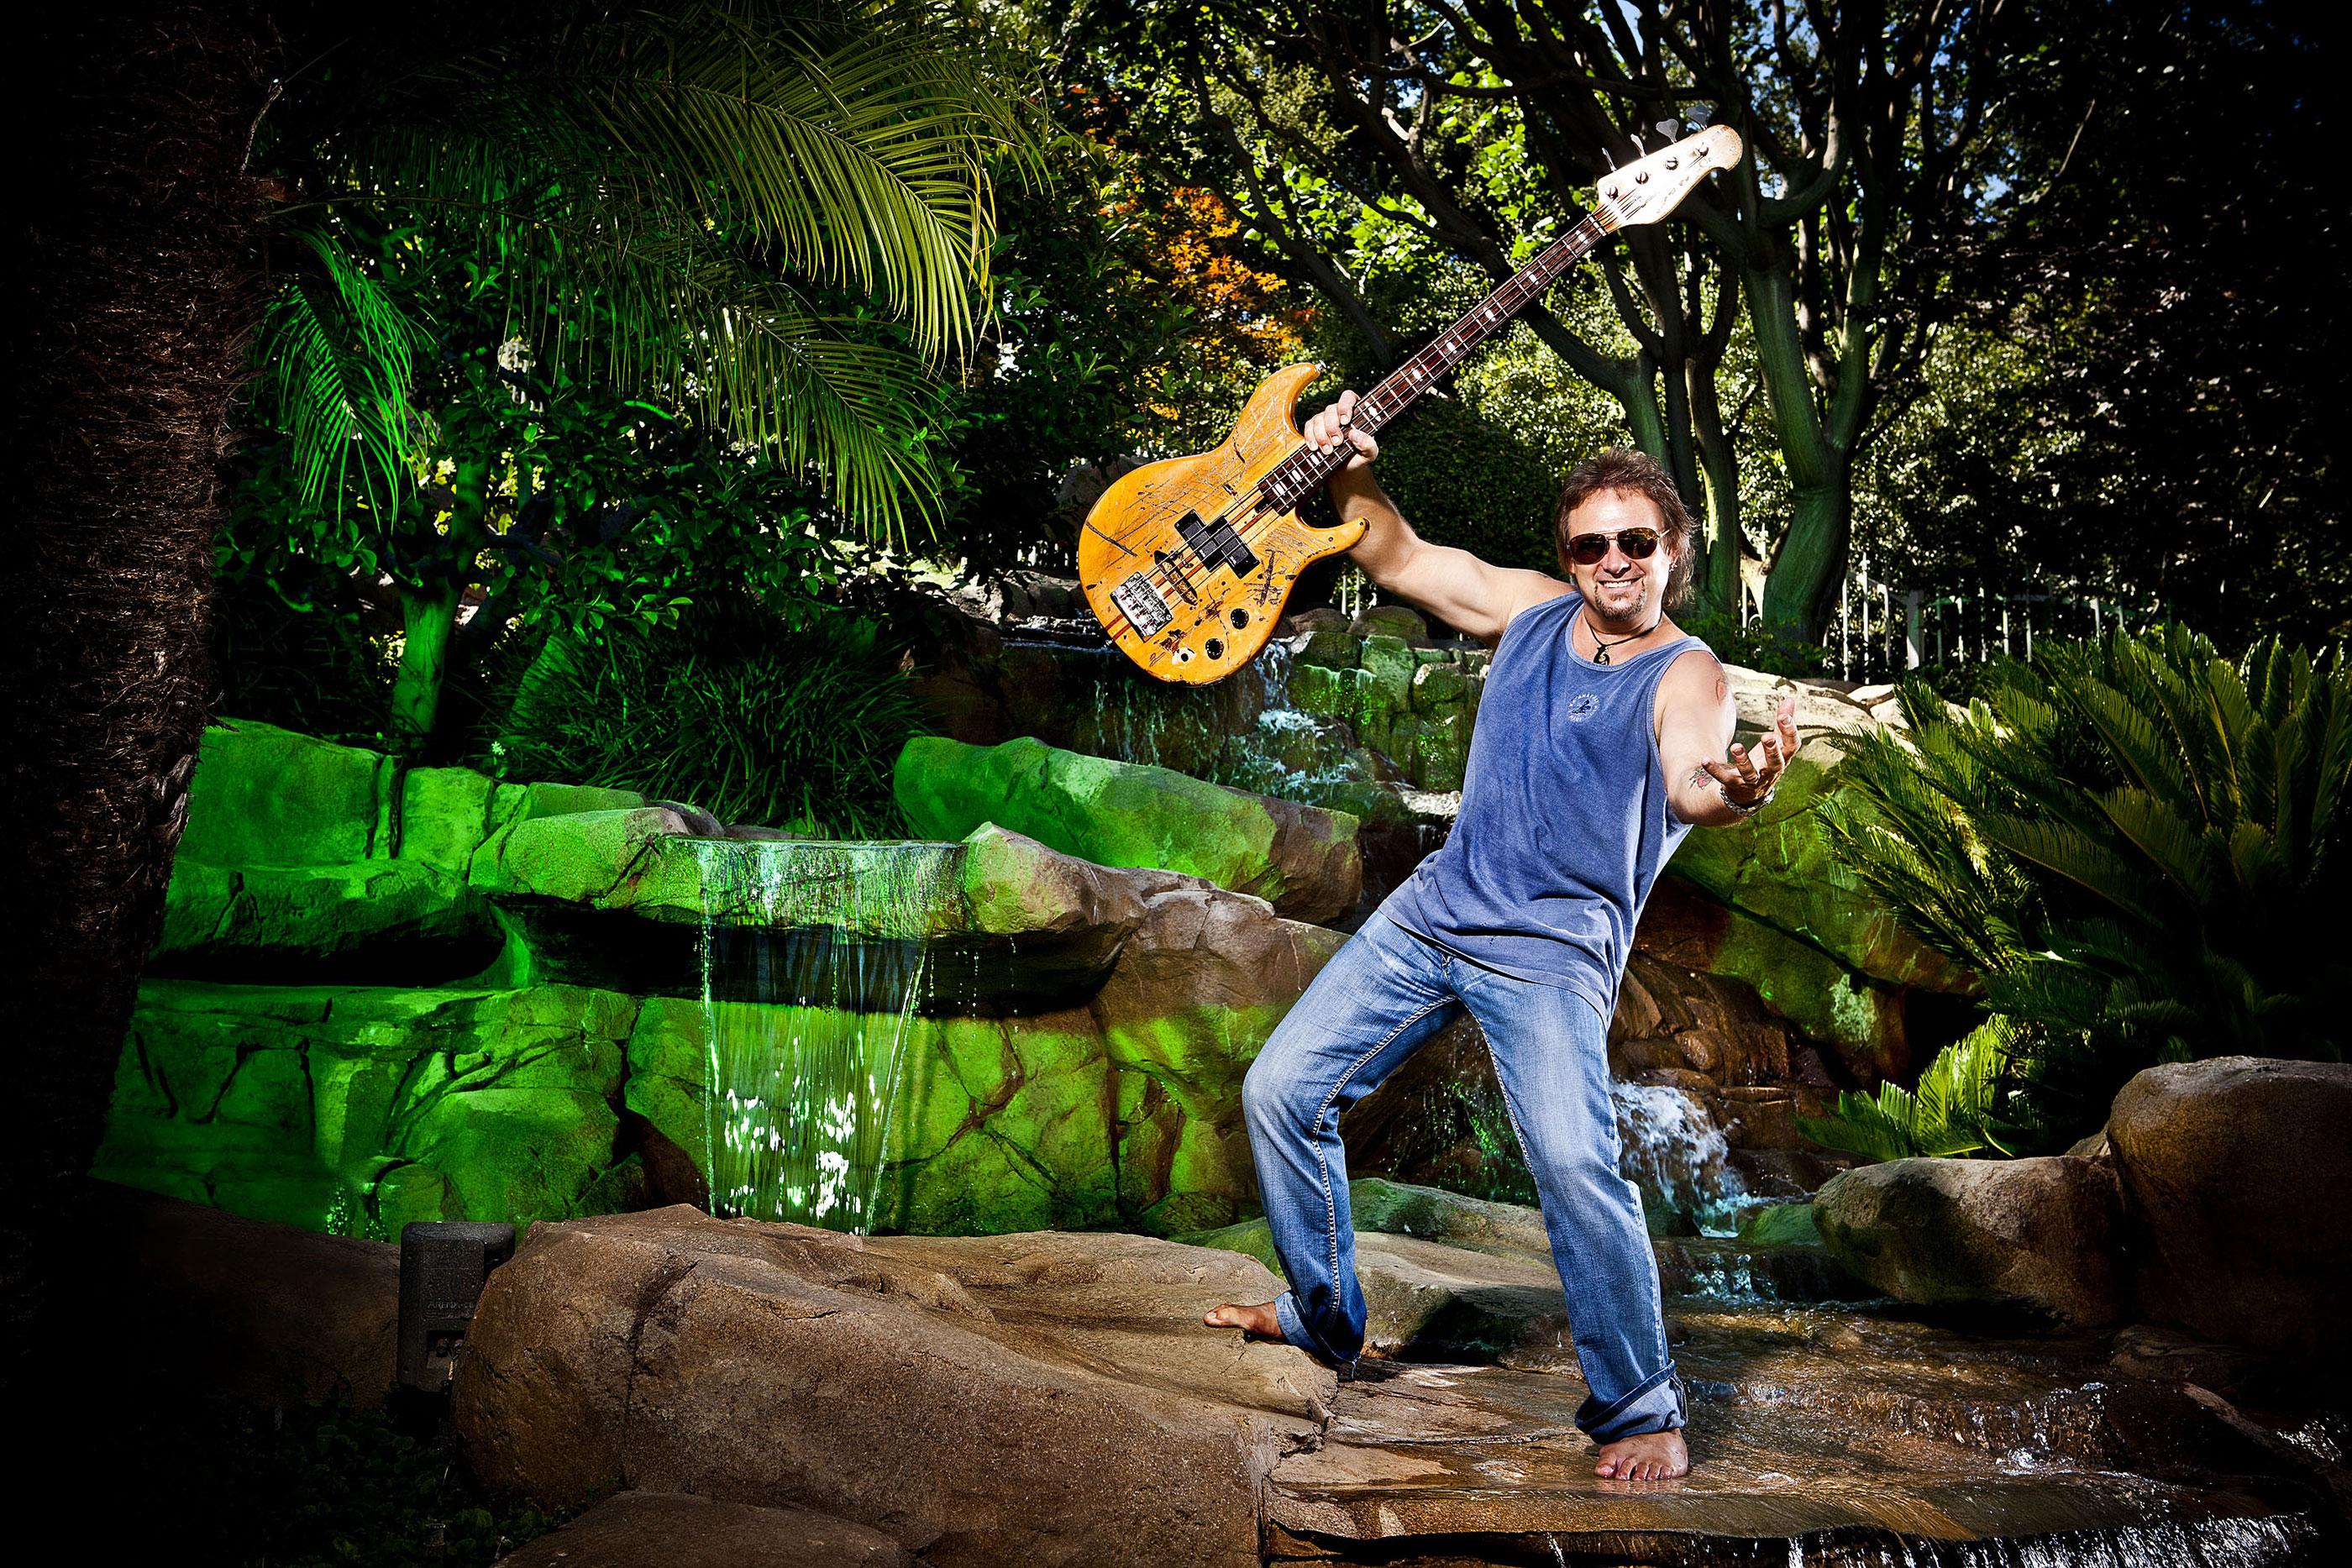 michael-anthony-vanhalen-bass-rockstar